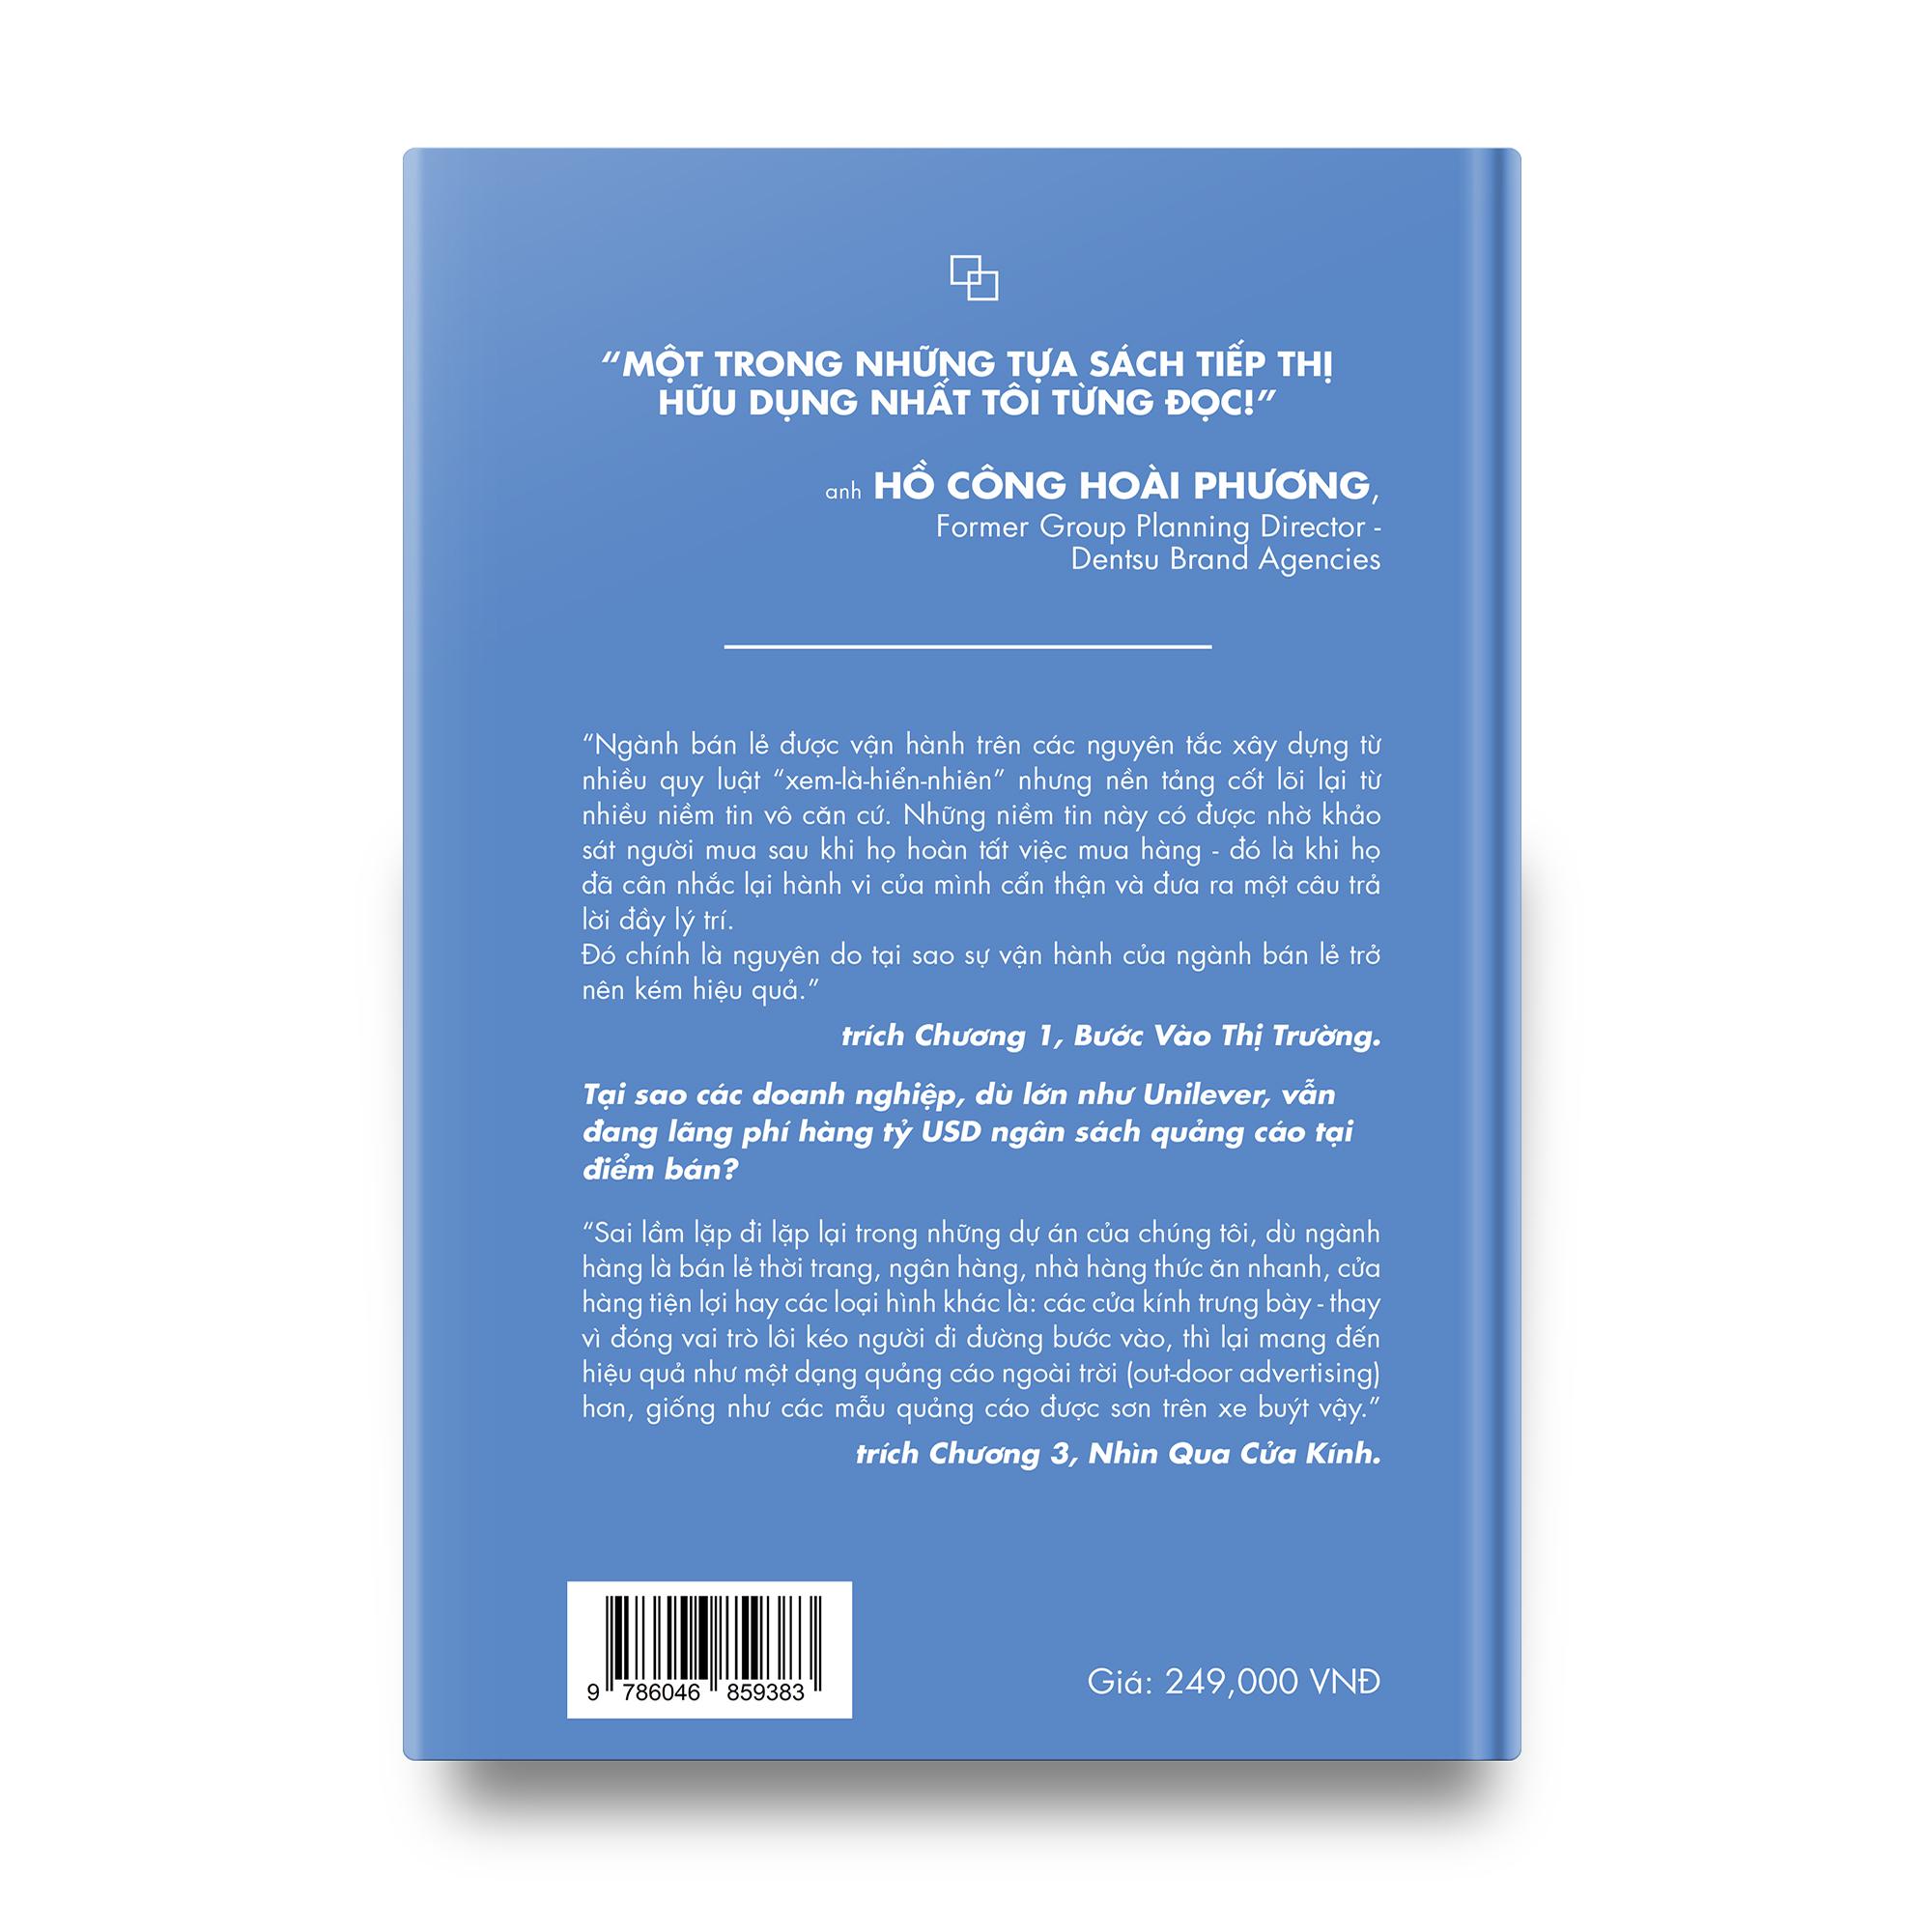 Thấu hiểu người mua - Giải mã tăng trưởng (Phiên bản mới)